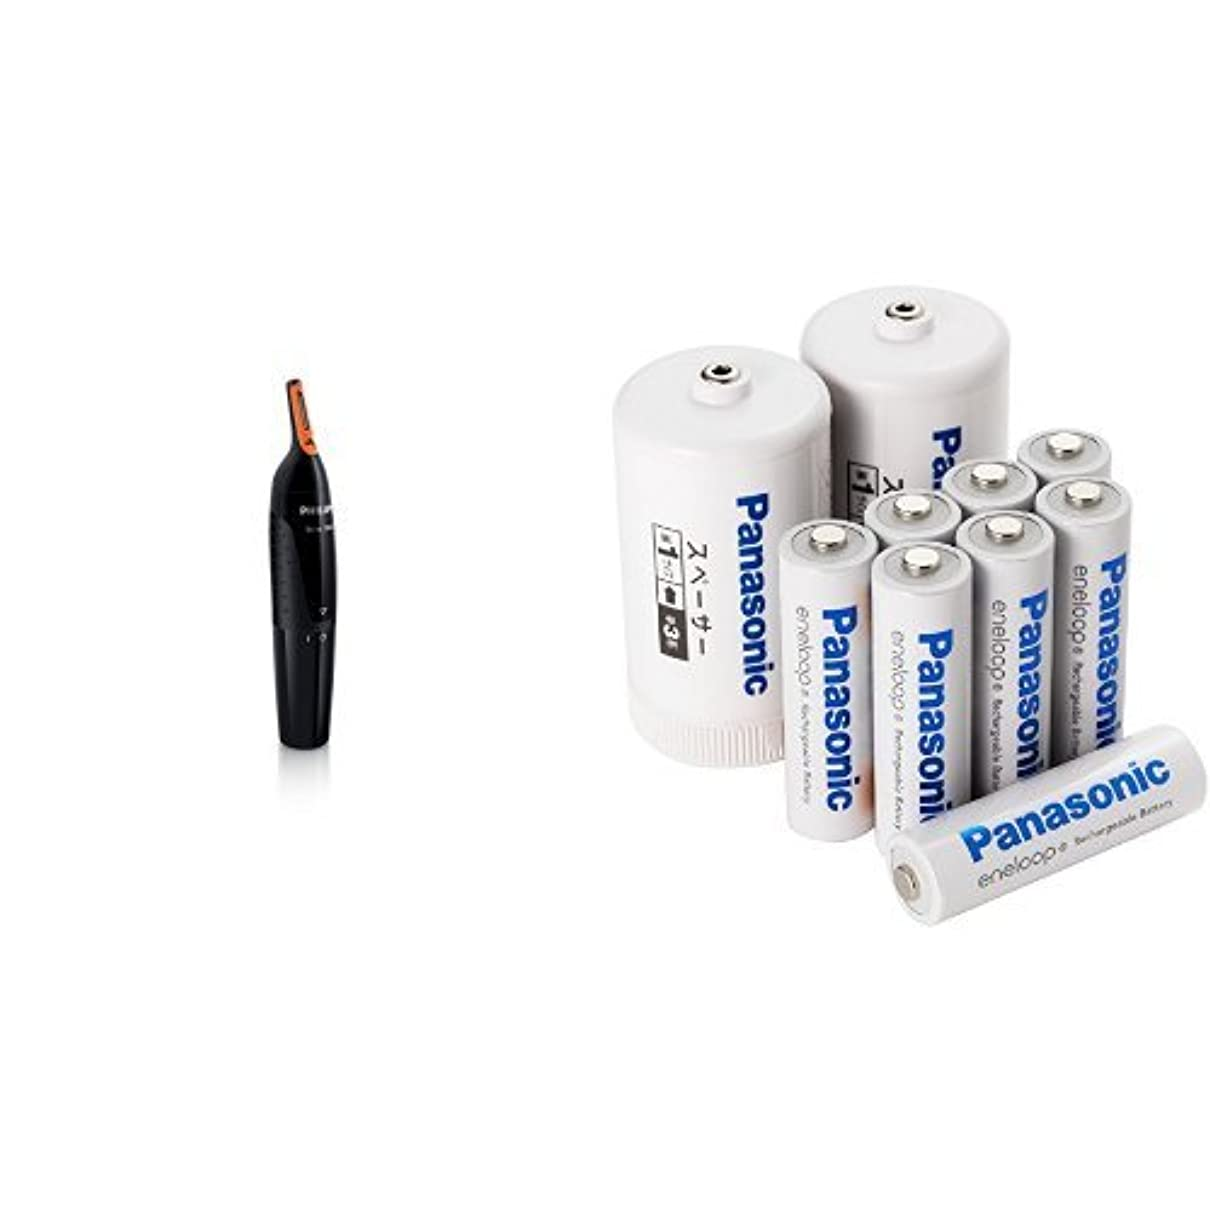 師匠分子案件フィリップス 鼻毛/耳毛カッター 本体丸洗い可 NT1152/10 + eneloop 単3形充電池 8本パック BK-3MCC/8FA セット